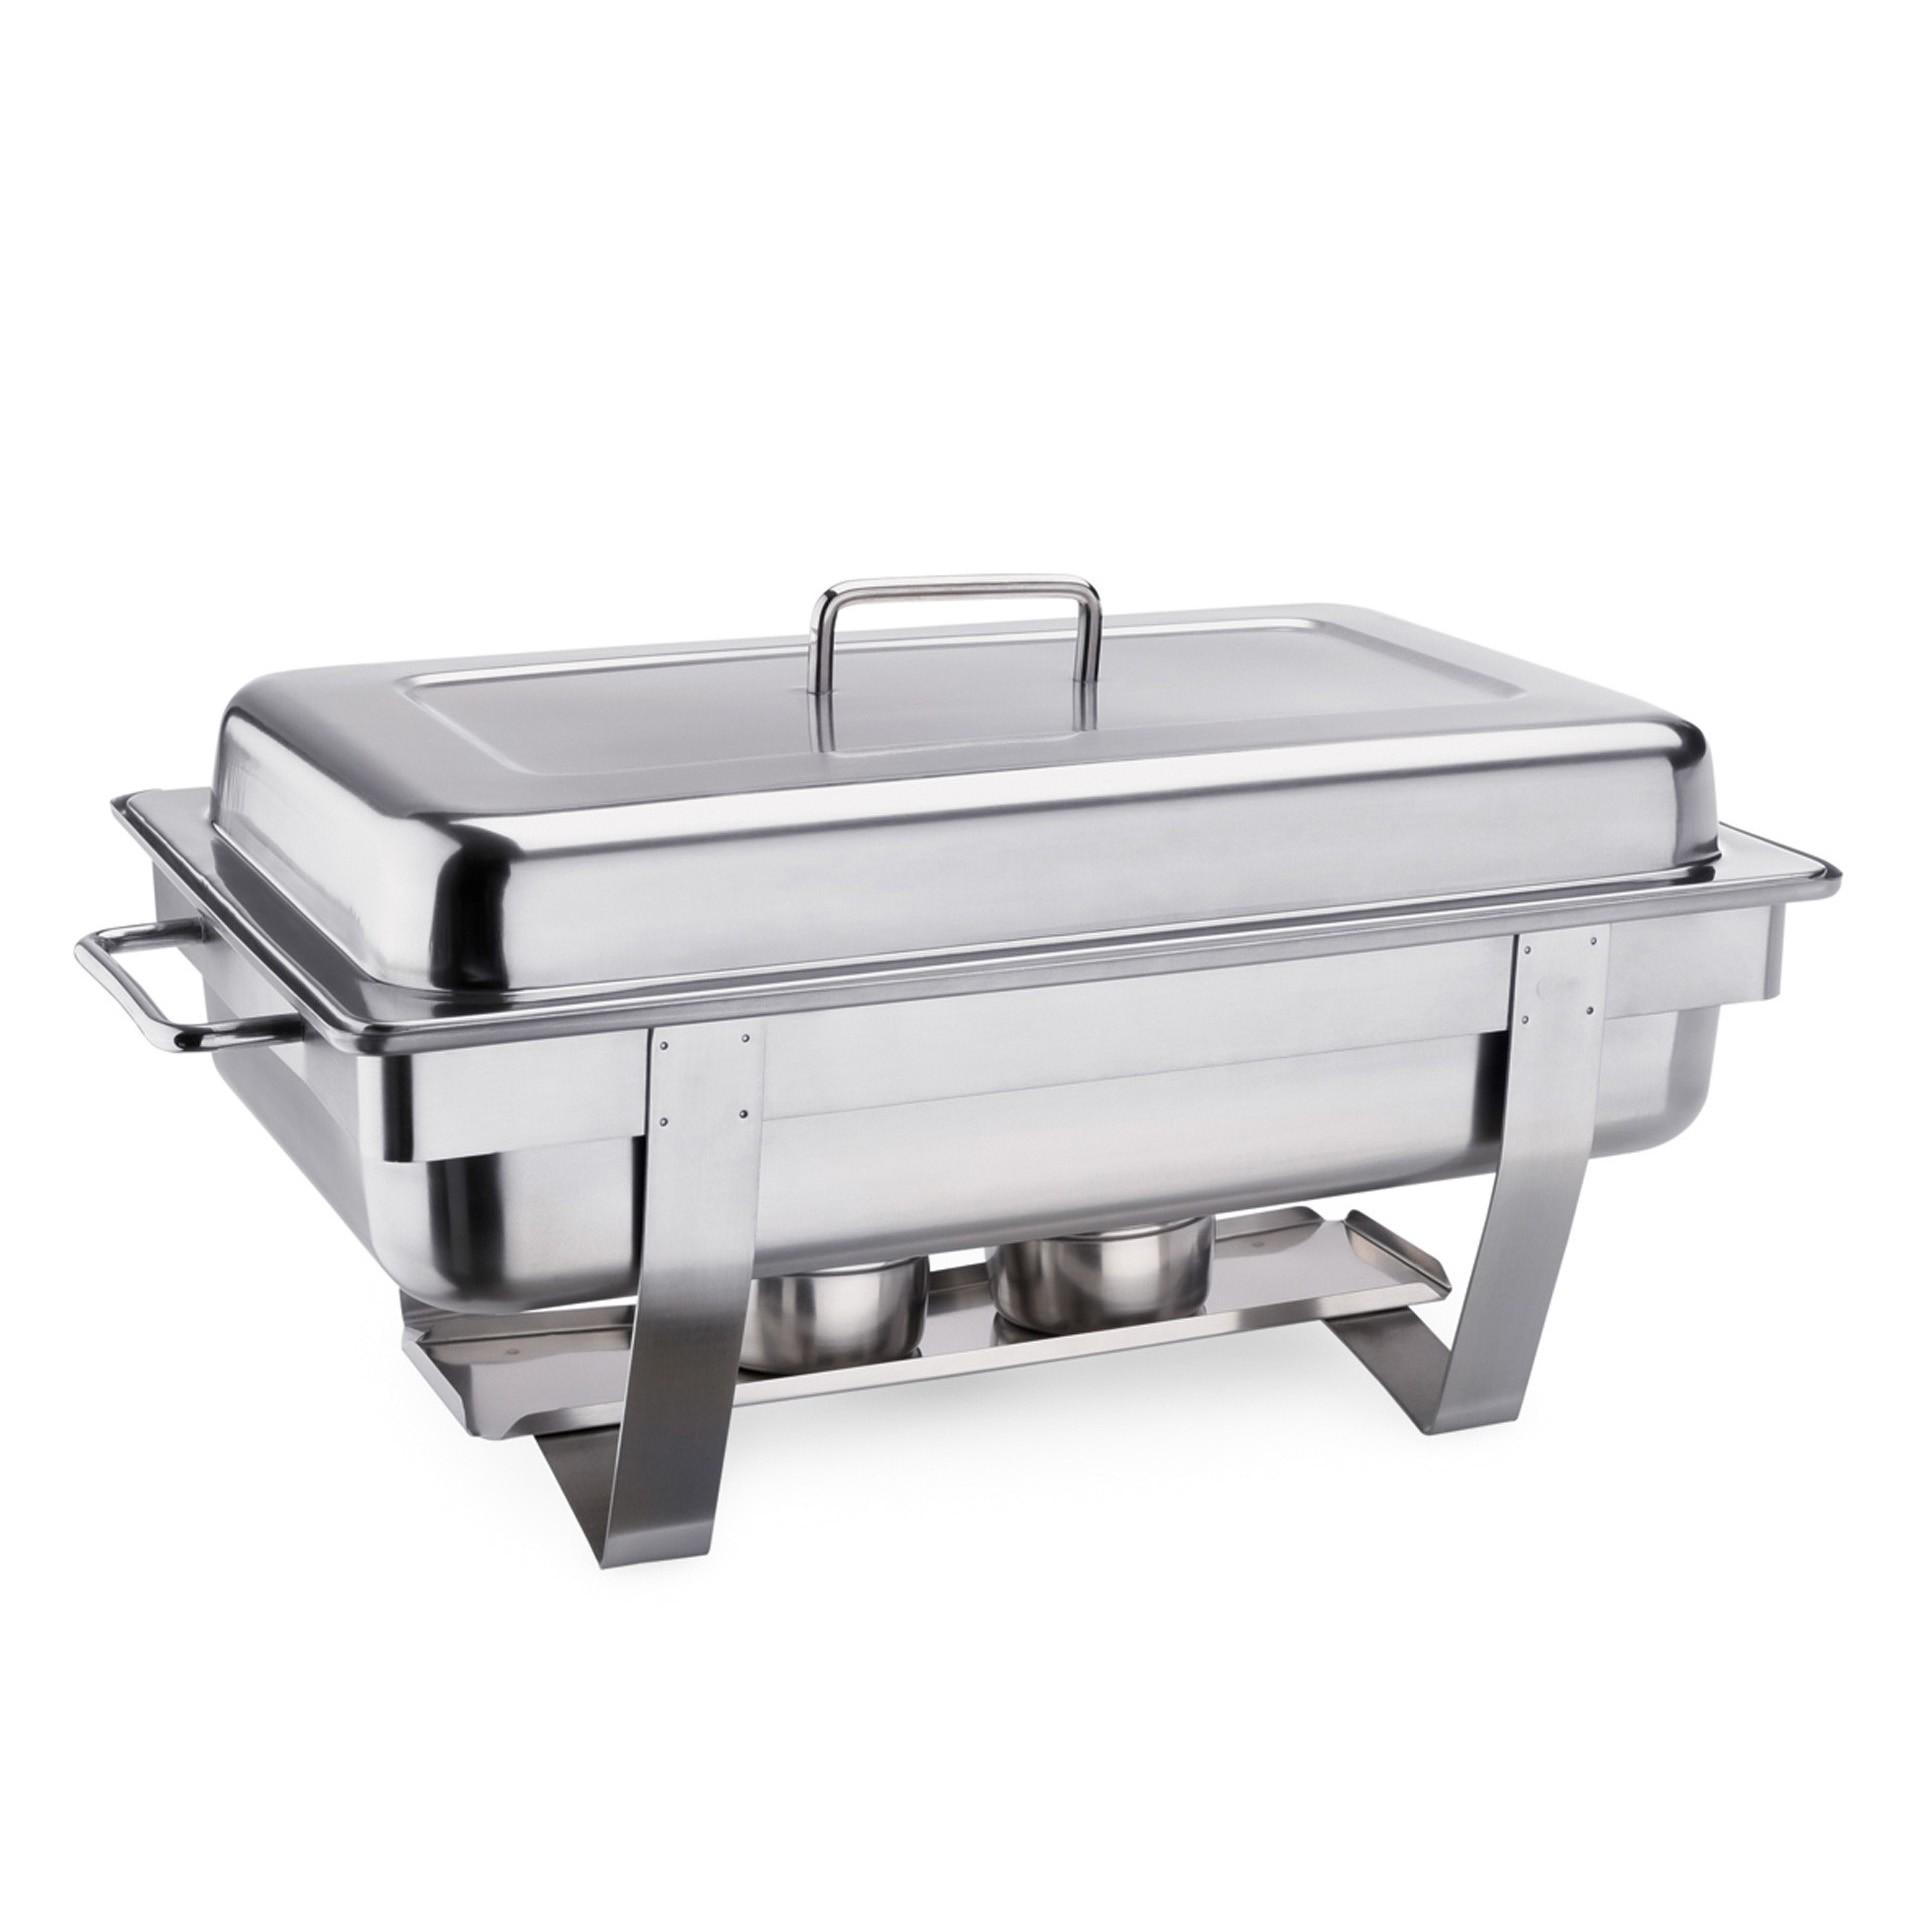 chafing dish mit 2 brennpastenbeh ltern g nstig online kaufen. Black Bedroom Furniture Sets. Home Design Ideas